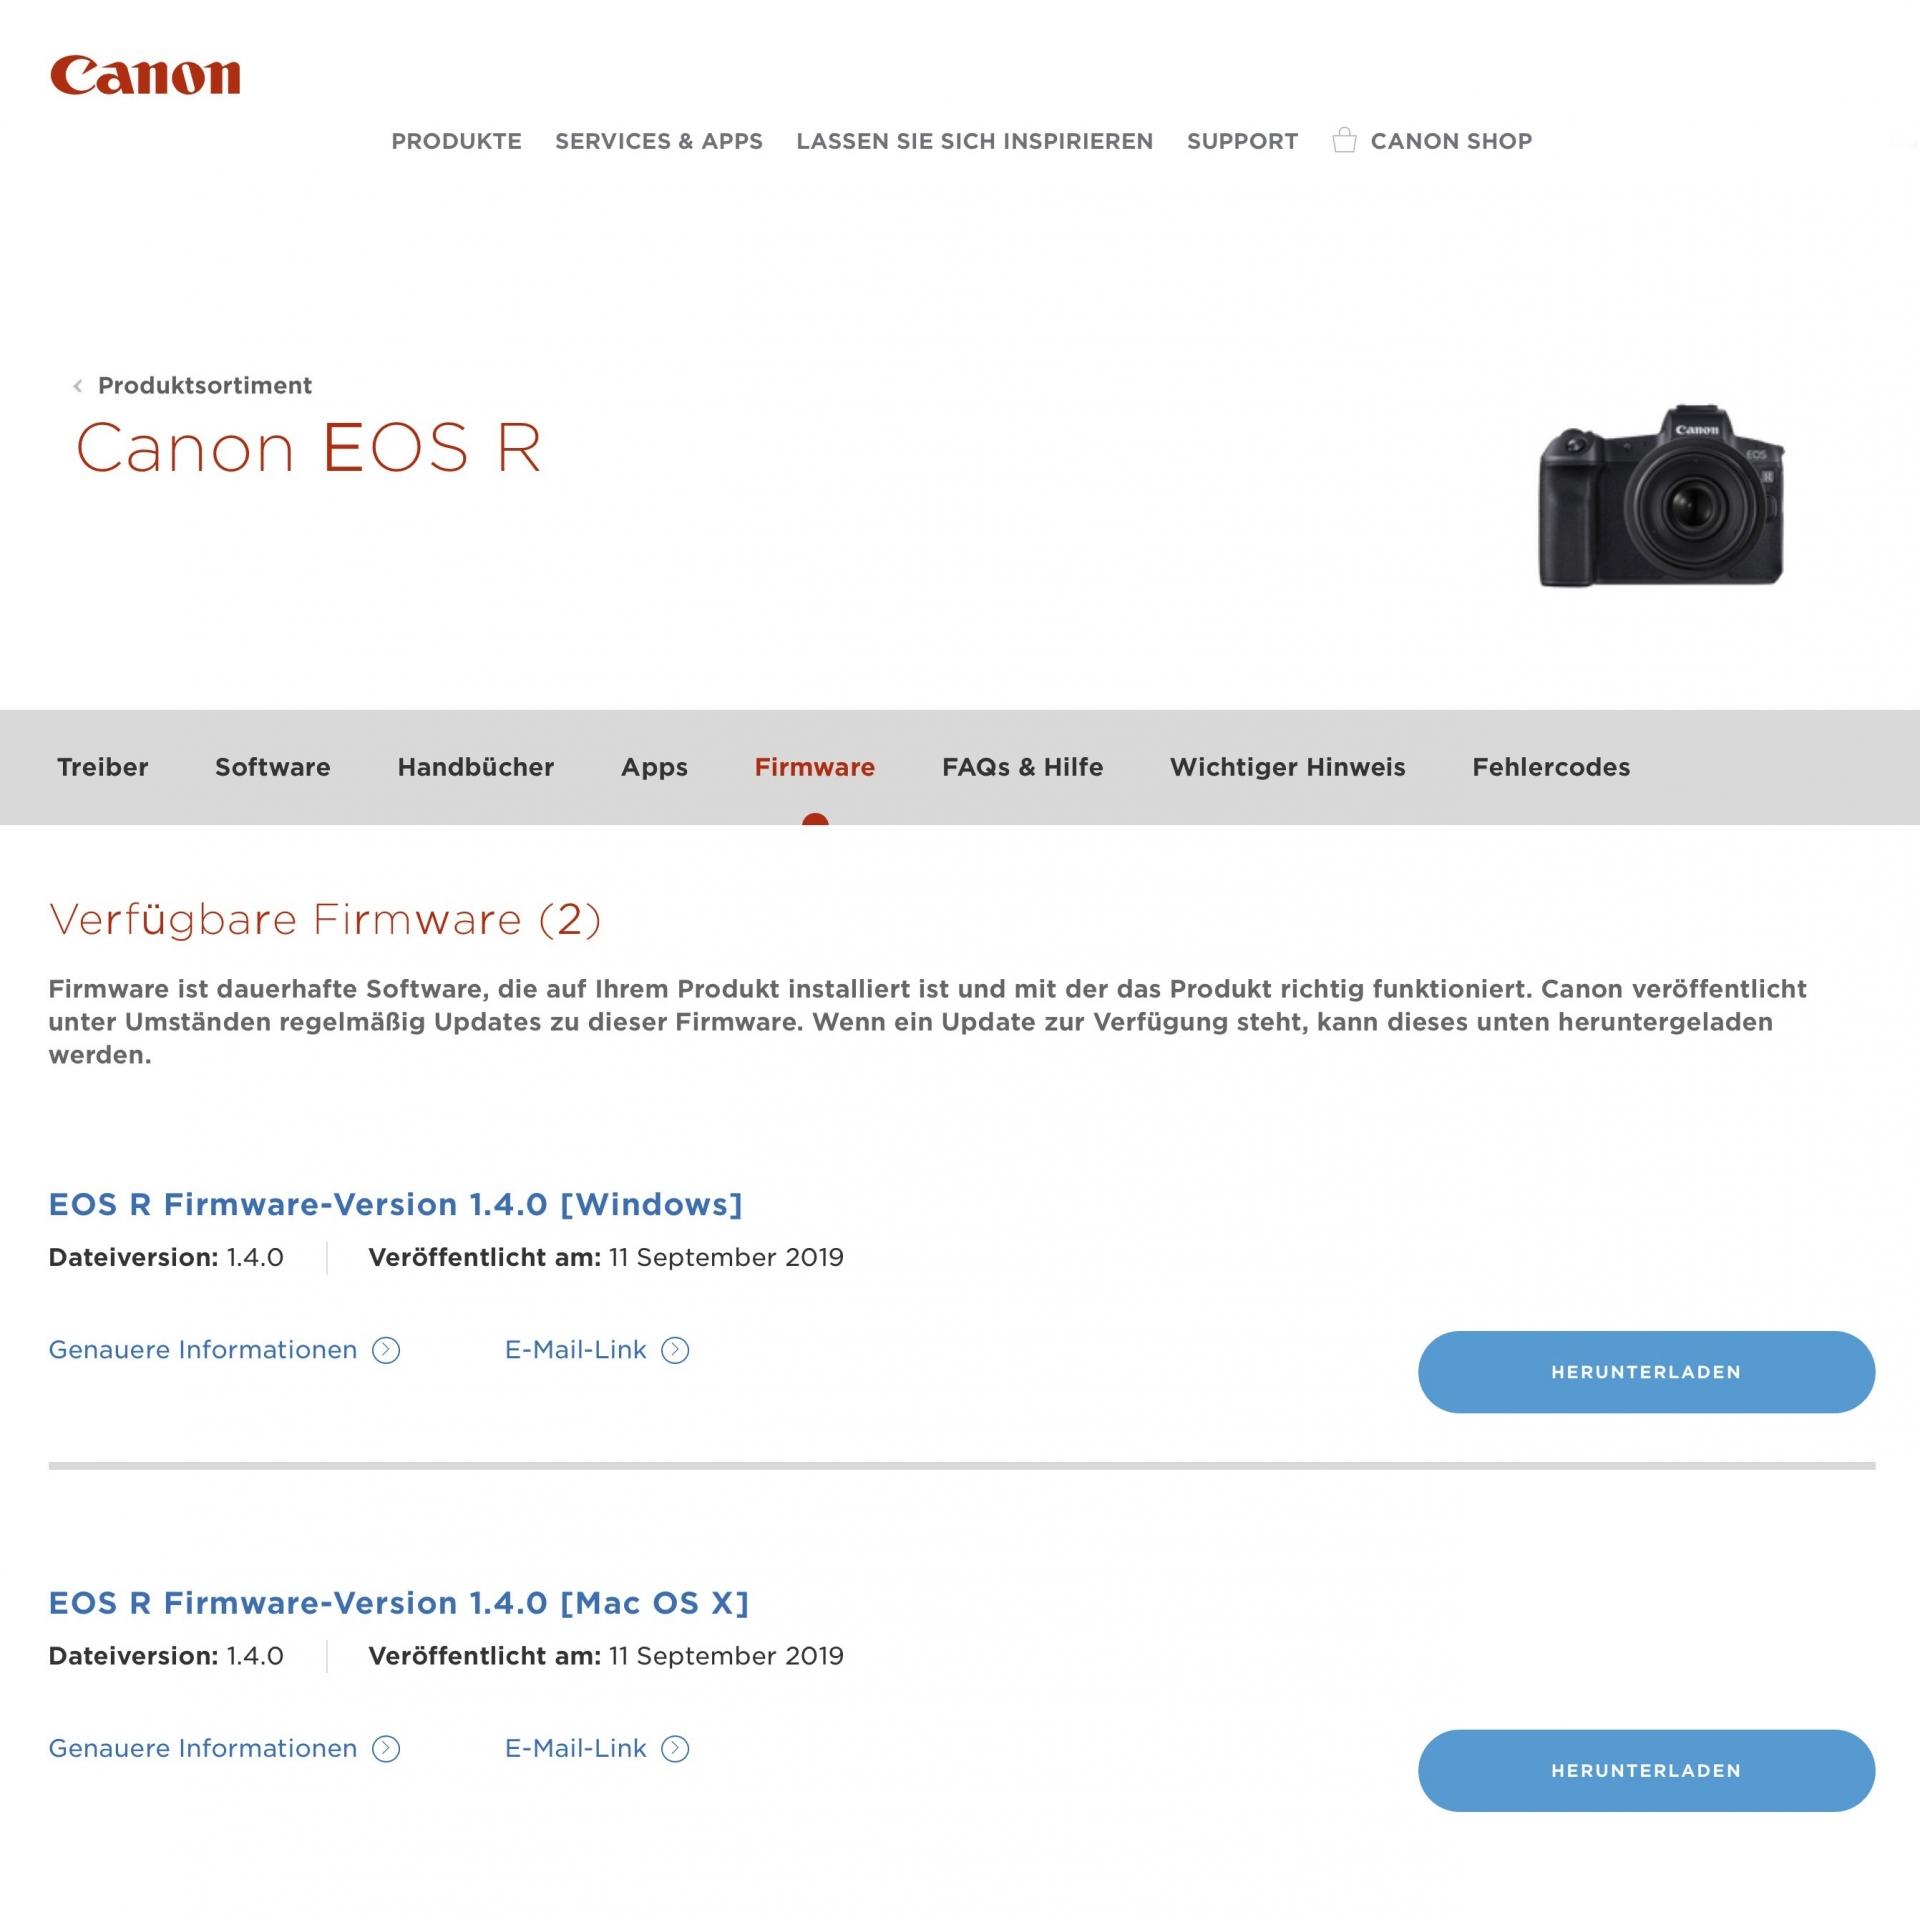 Firmware Update, EOS R